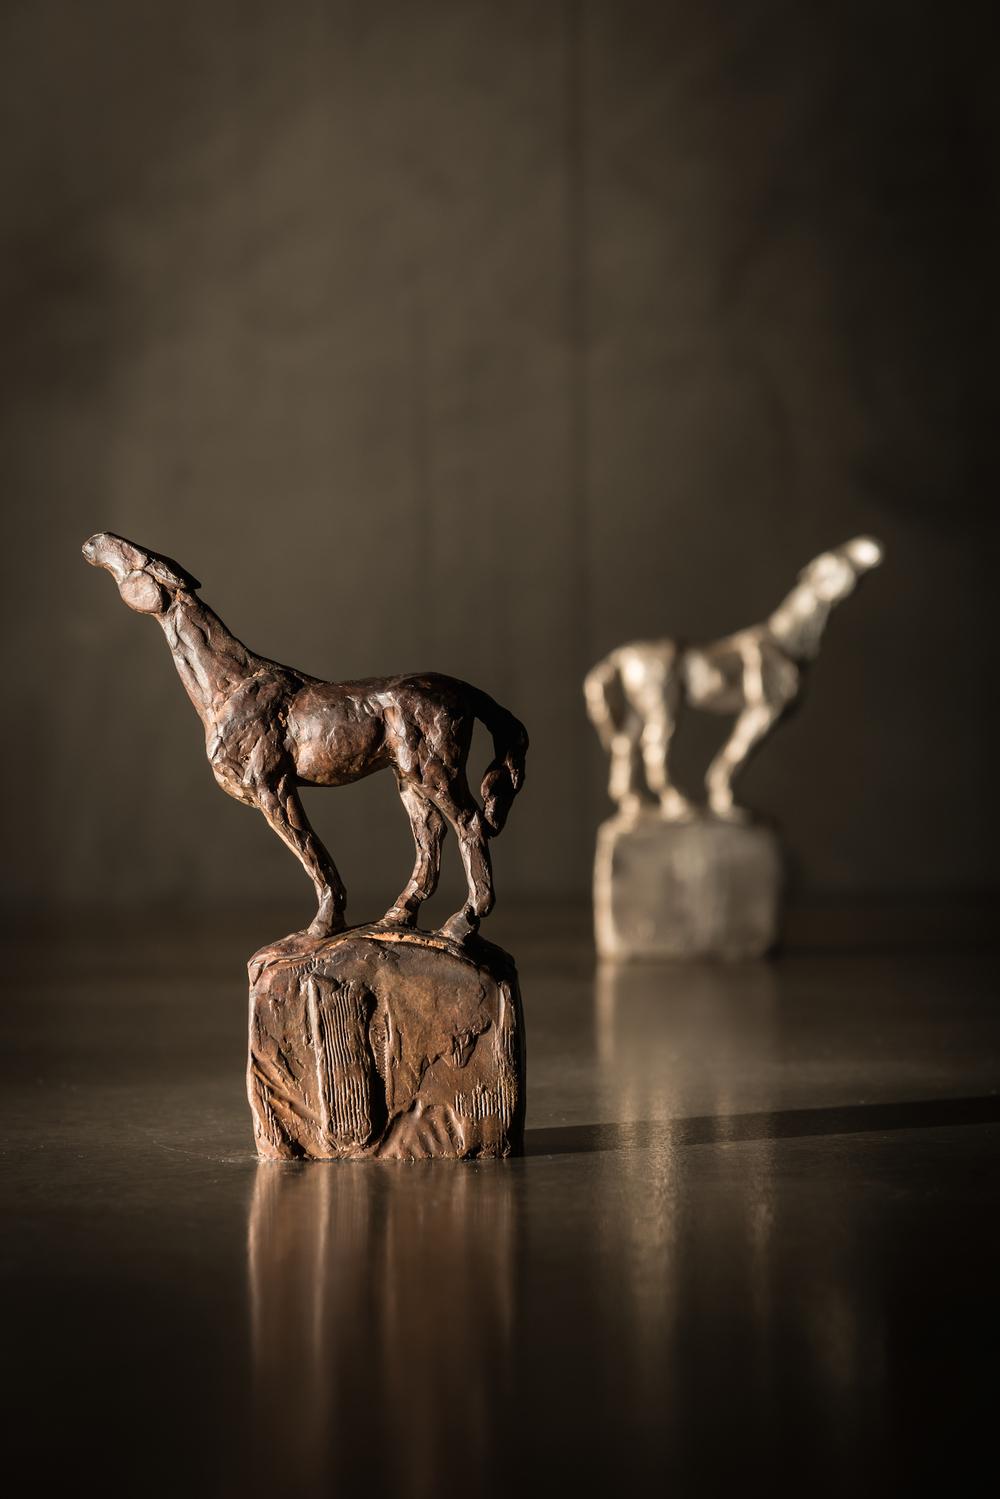 Search  l  Maquette  l  Bronze  l  6x4.5x1  l  $350